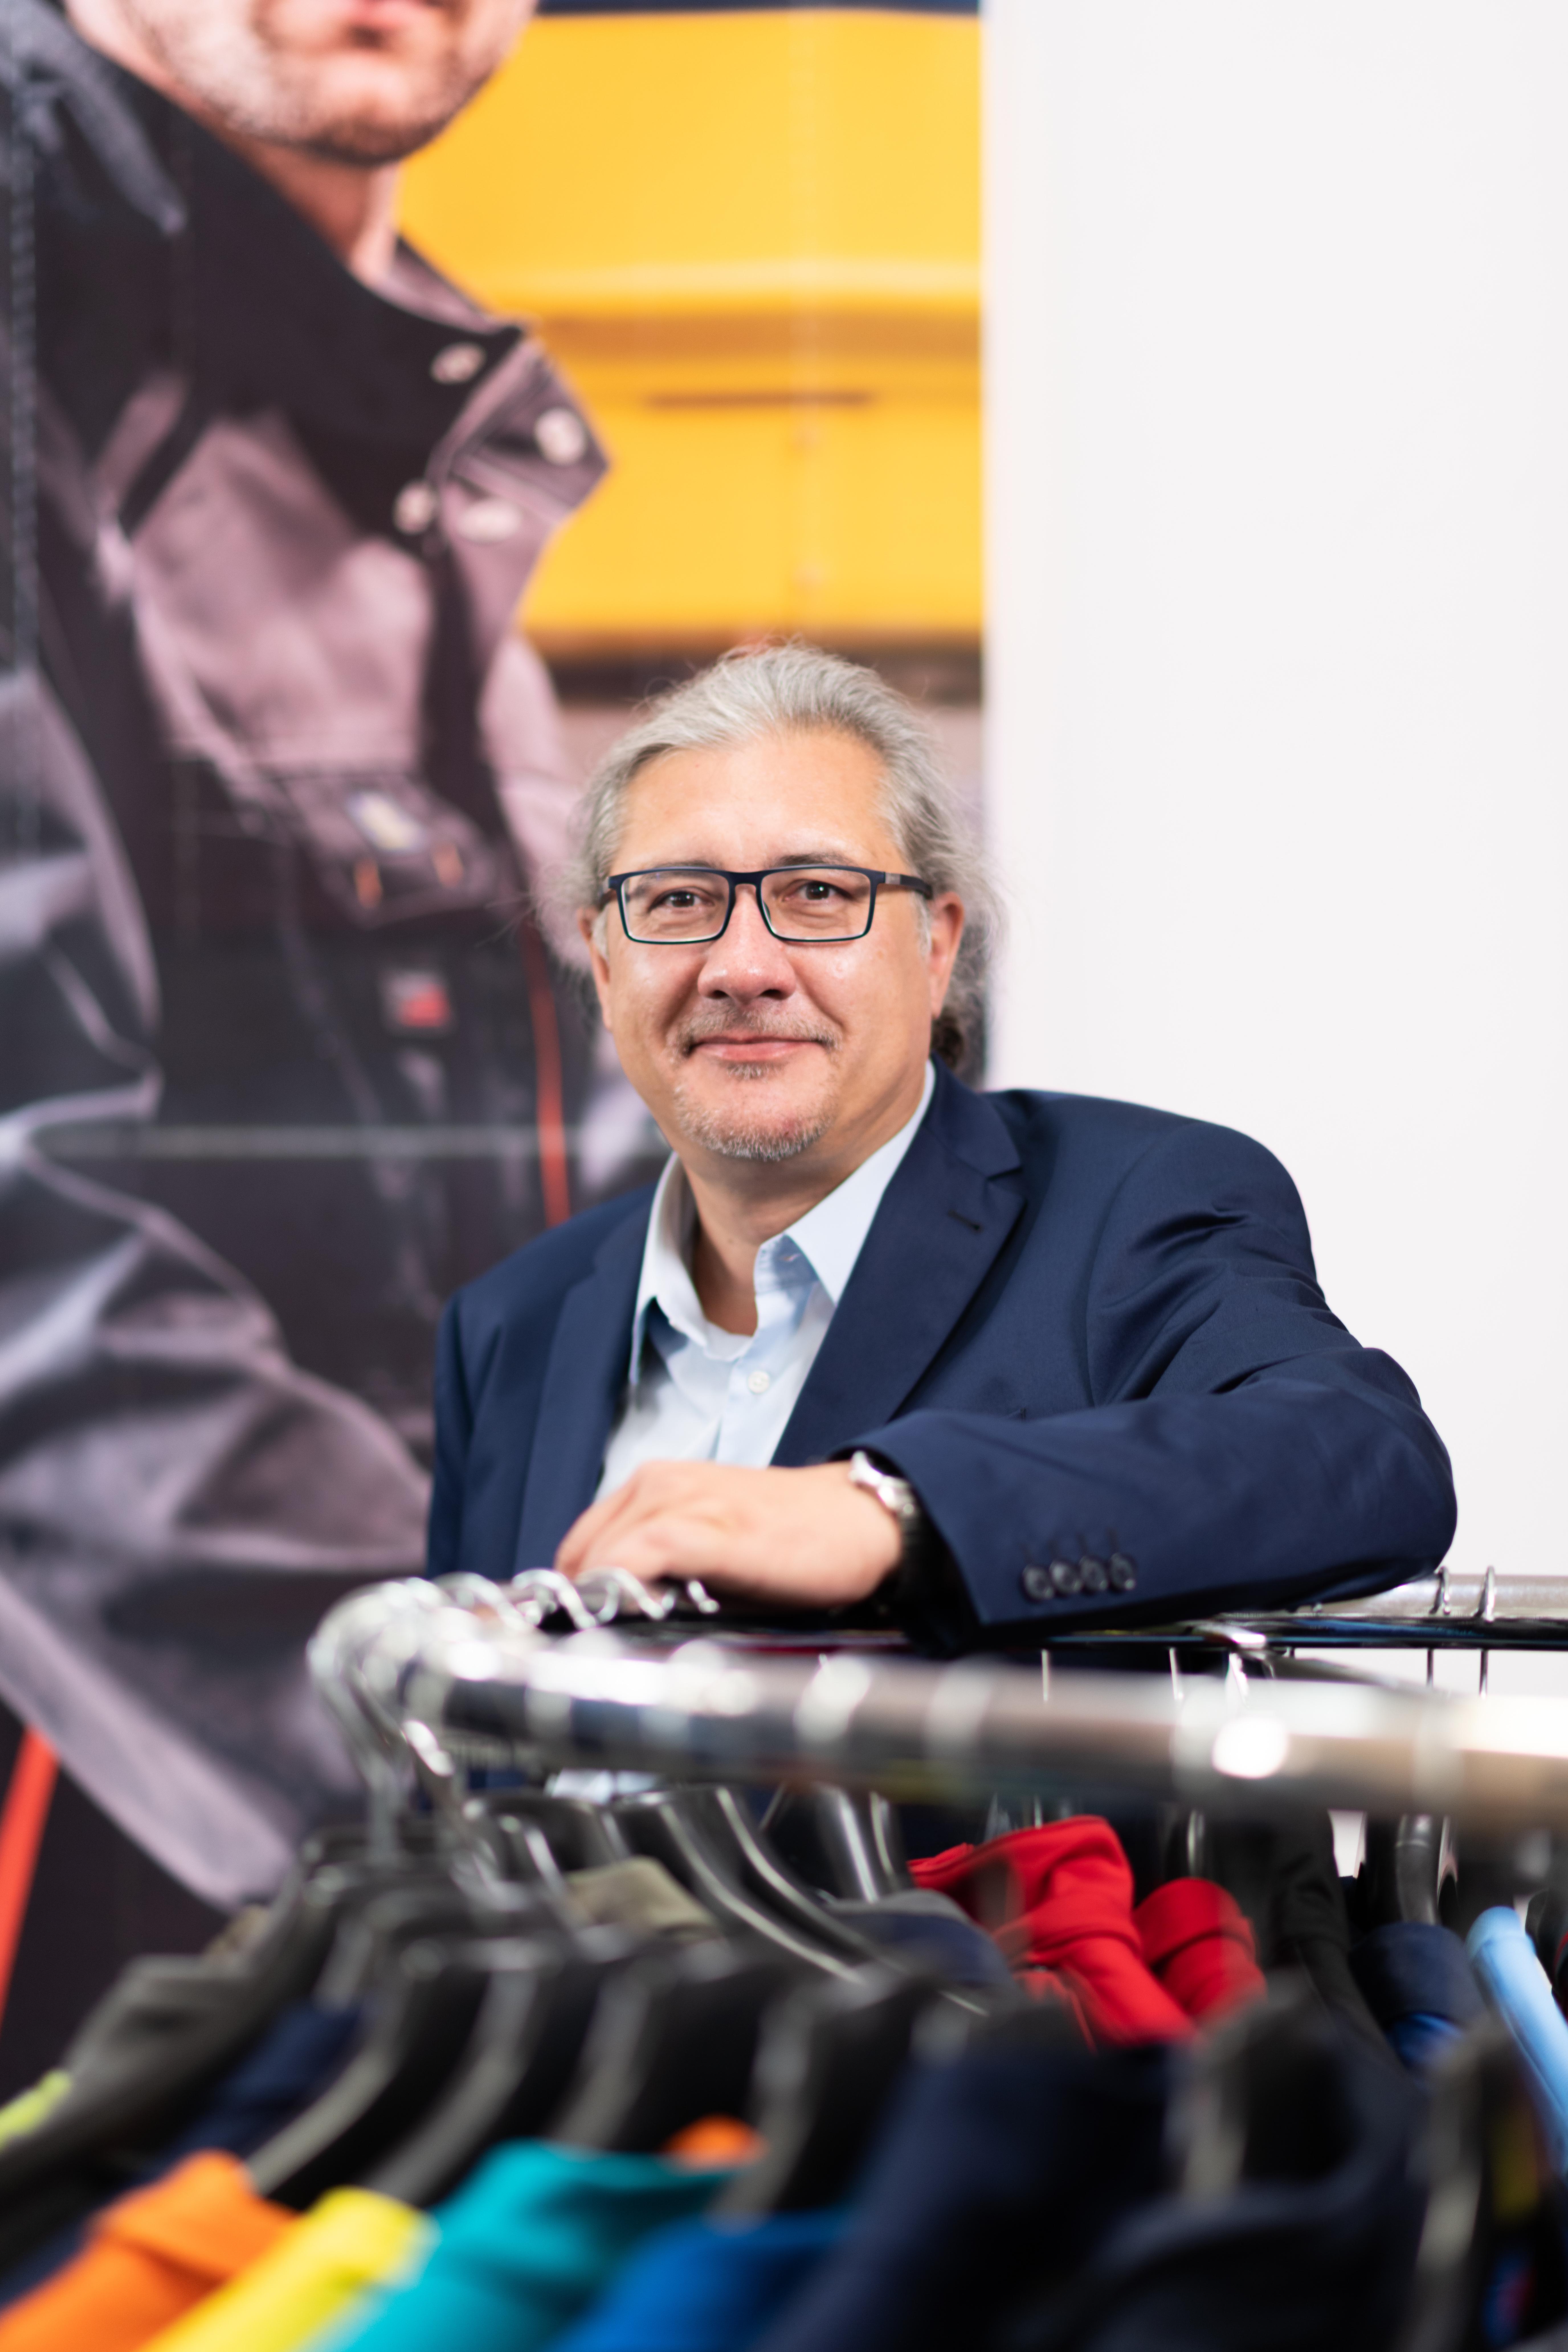 Geschäftsführer Ing. Mag. Thiemo Götzl © Ötscher Berufskleidung